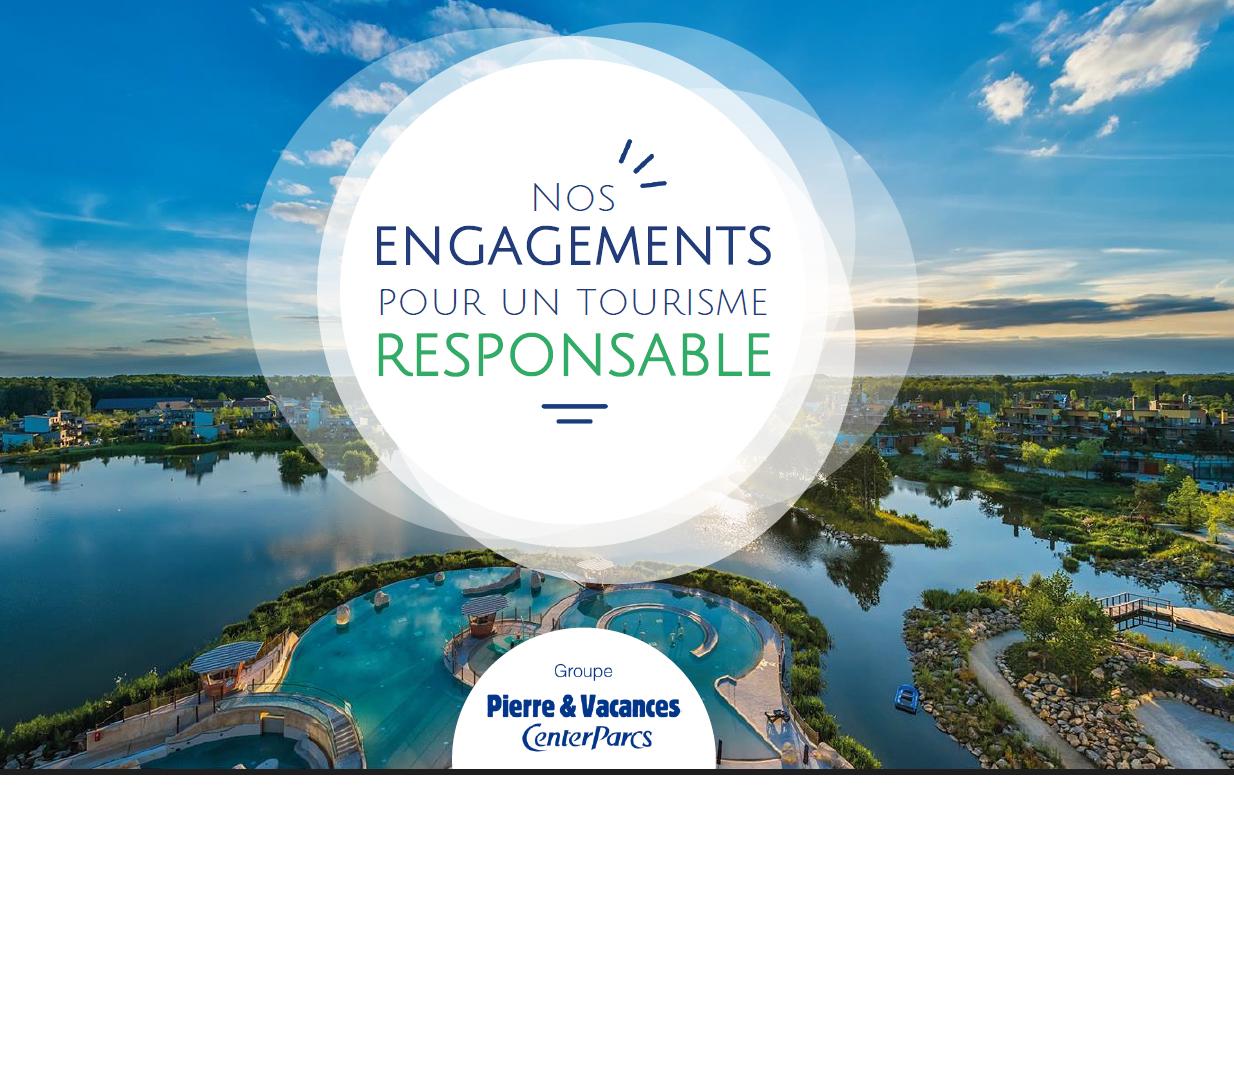 Engagements pour un tourisme responsable